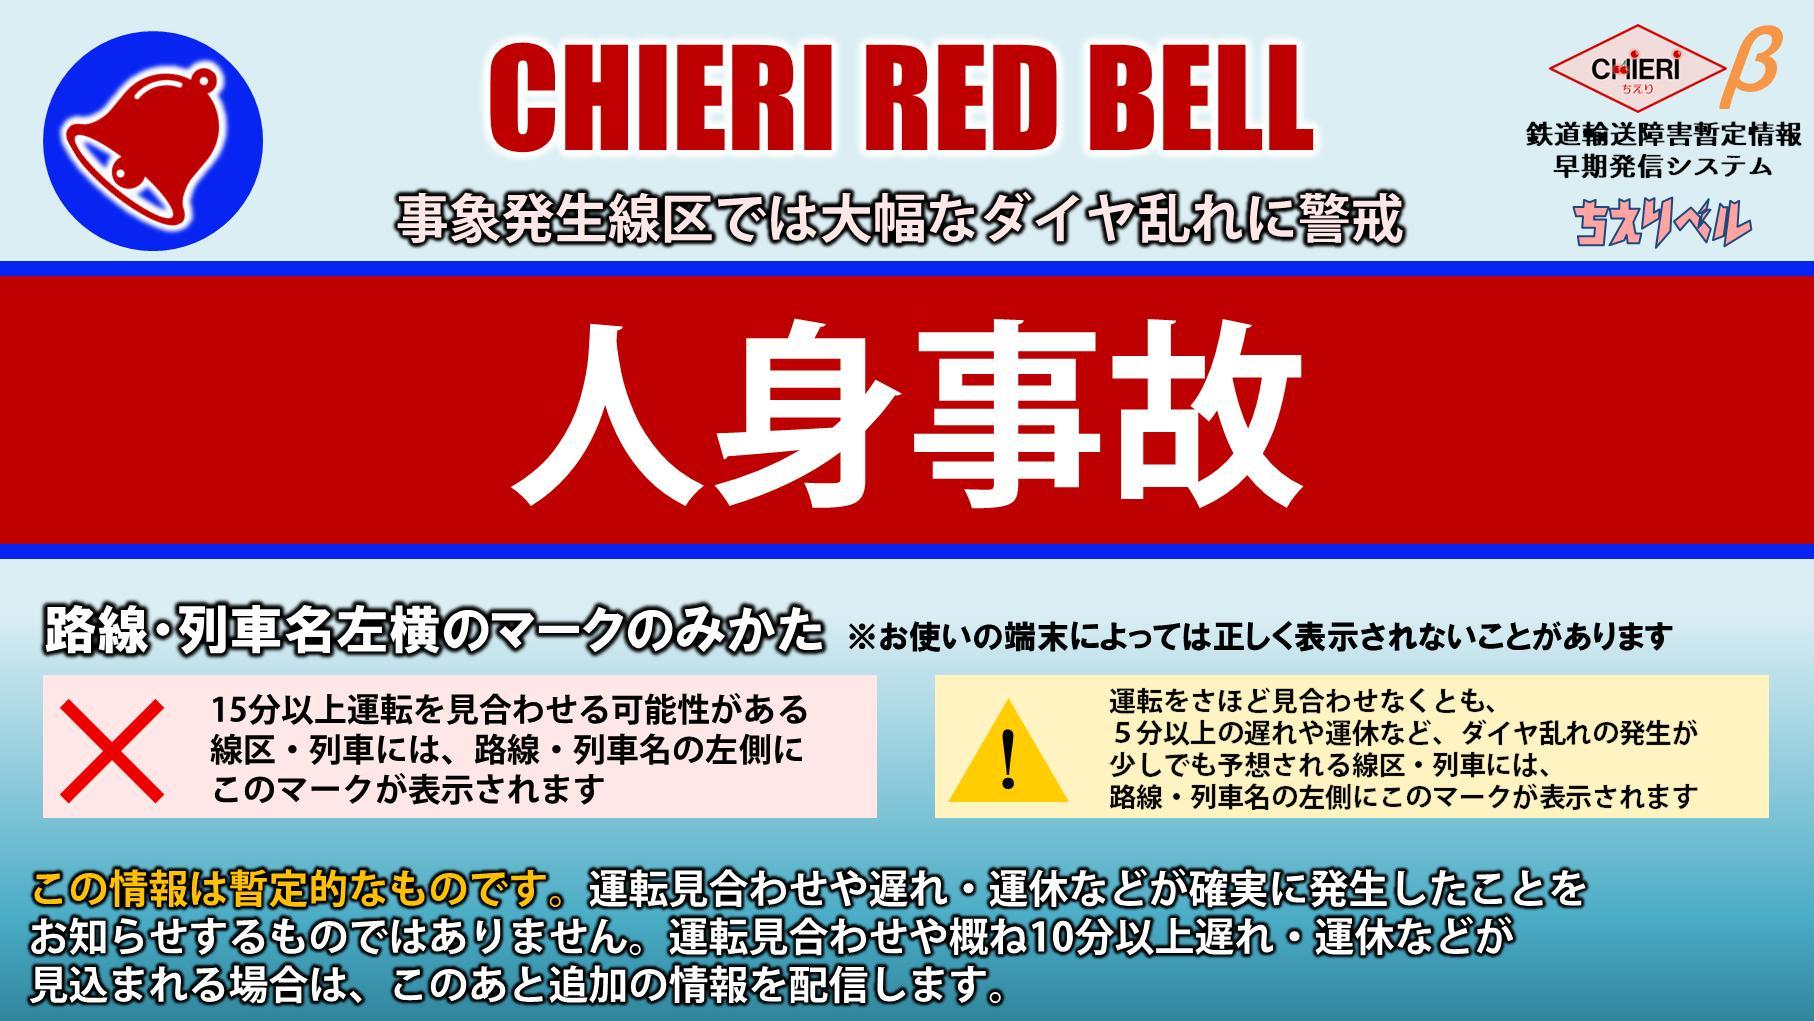 画像,‼️RED BELL‼️◆JR神戸線 東加古川駅にて人身事故の情報キャッチ。大幅なダイヤ乱れに要警戒❌JR神戸線❌特急スーパーはくと⚠️JR京都線 など htt…